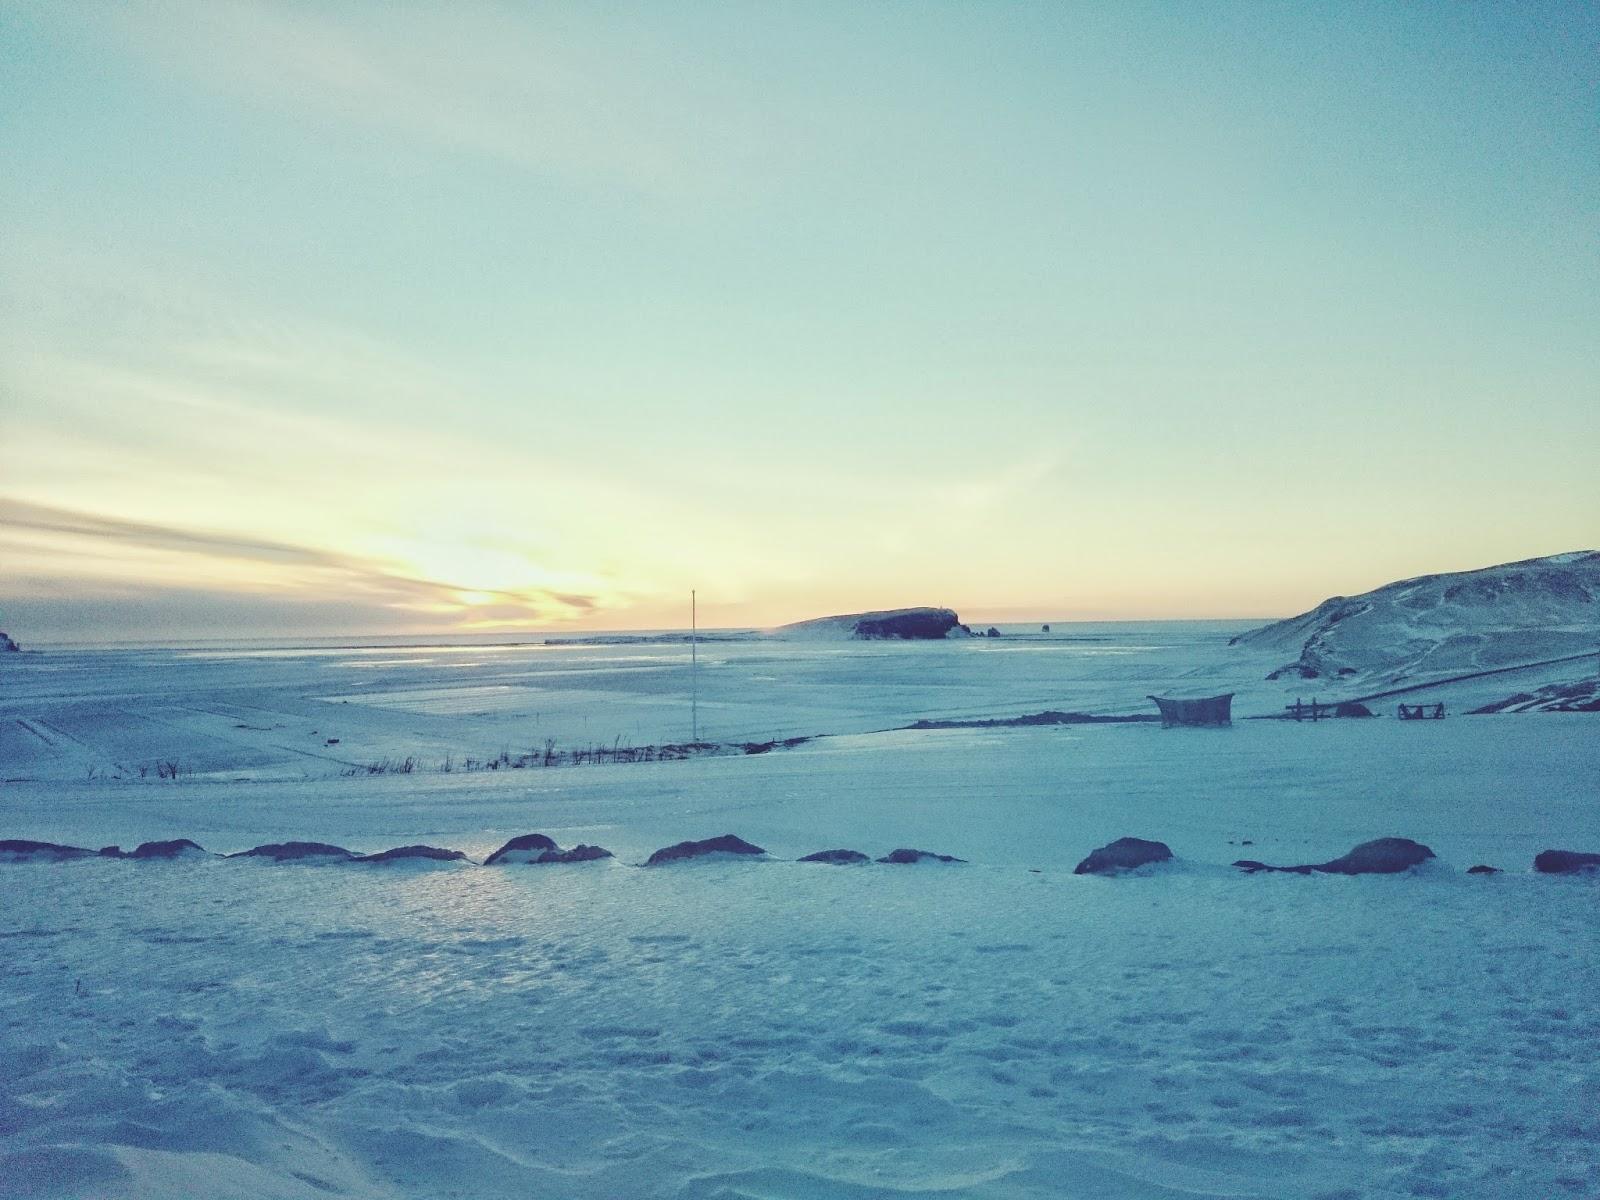 Islandia, słońce, niebo, wschód słońca, zima